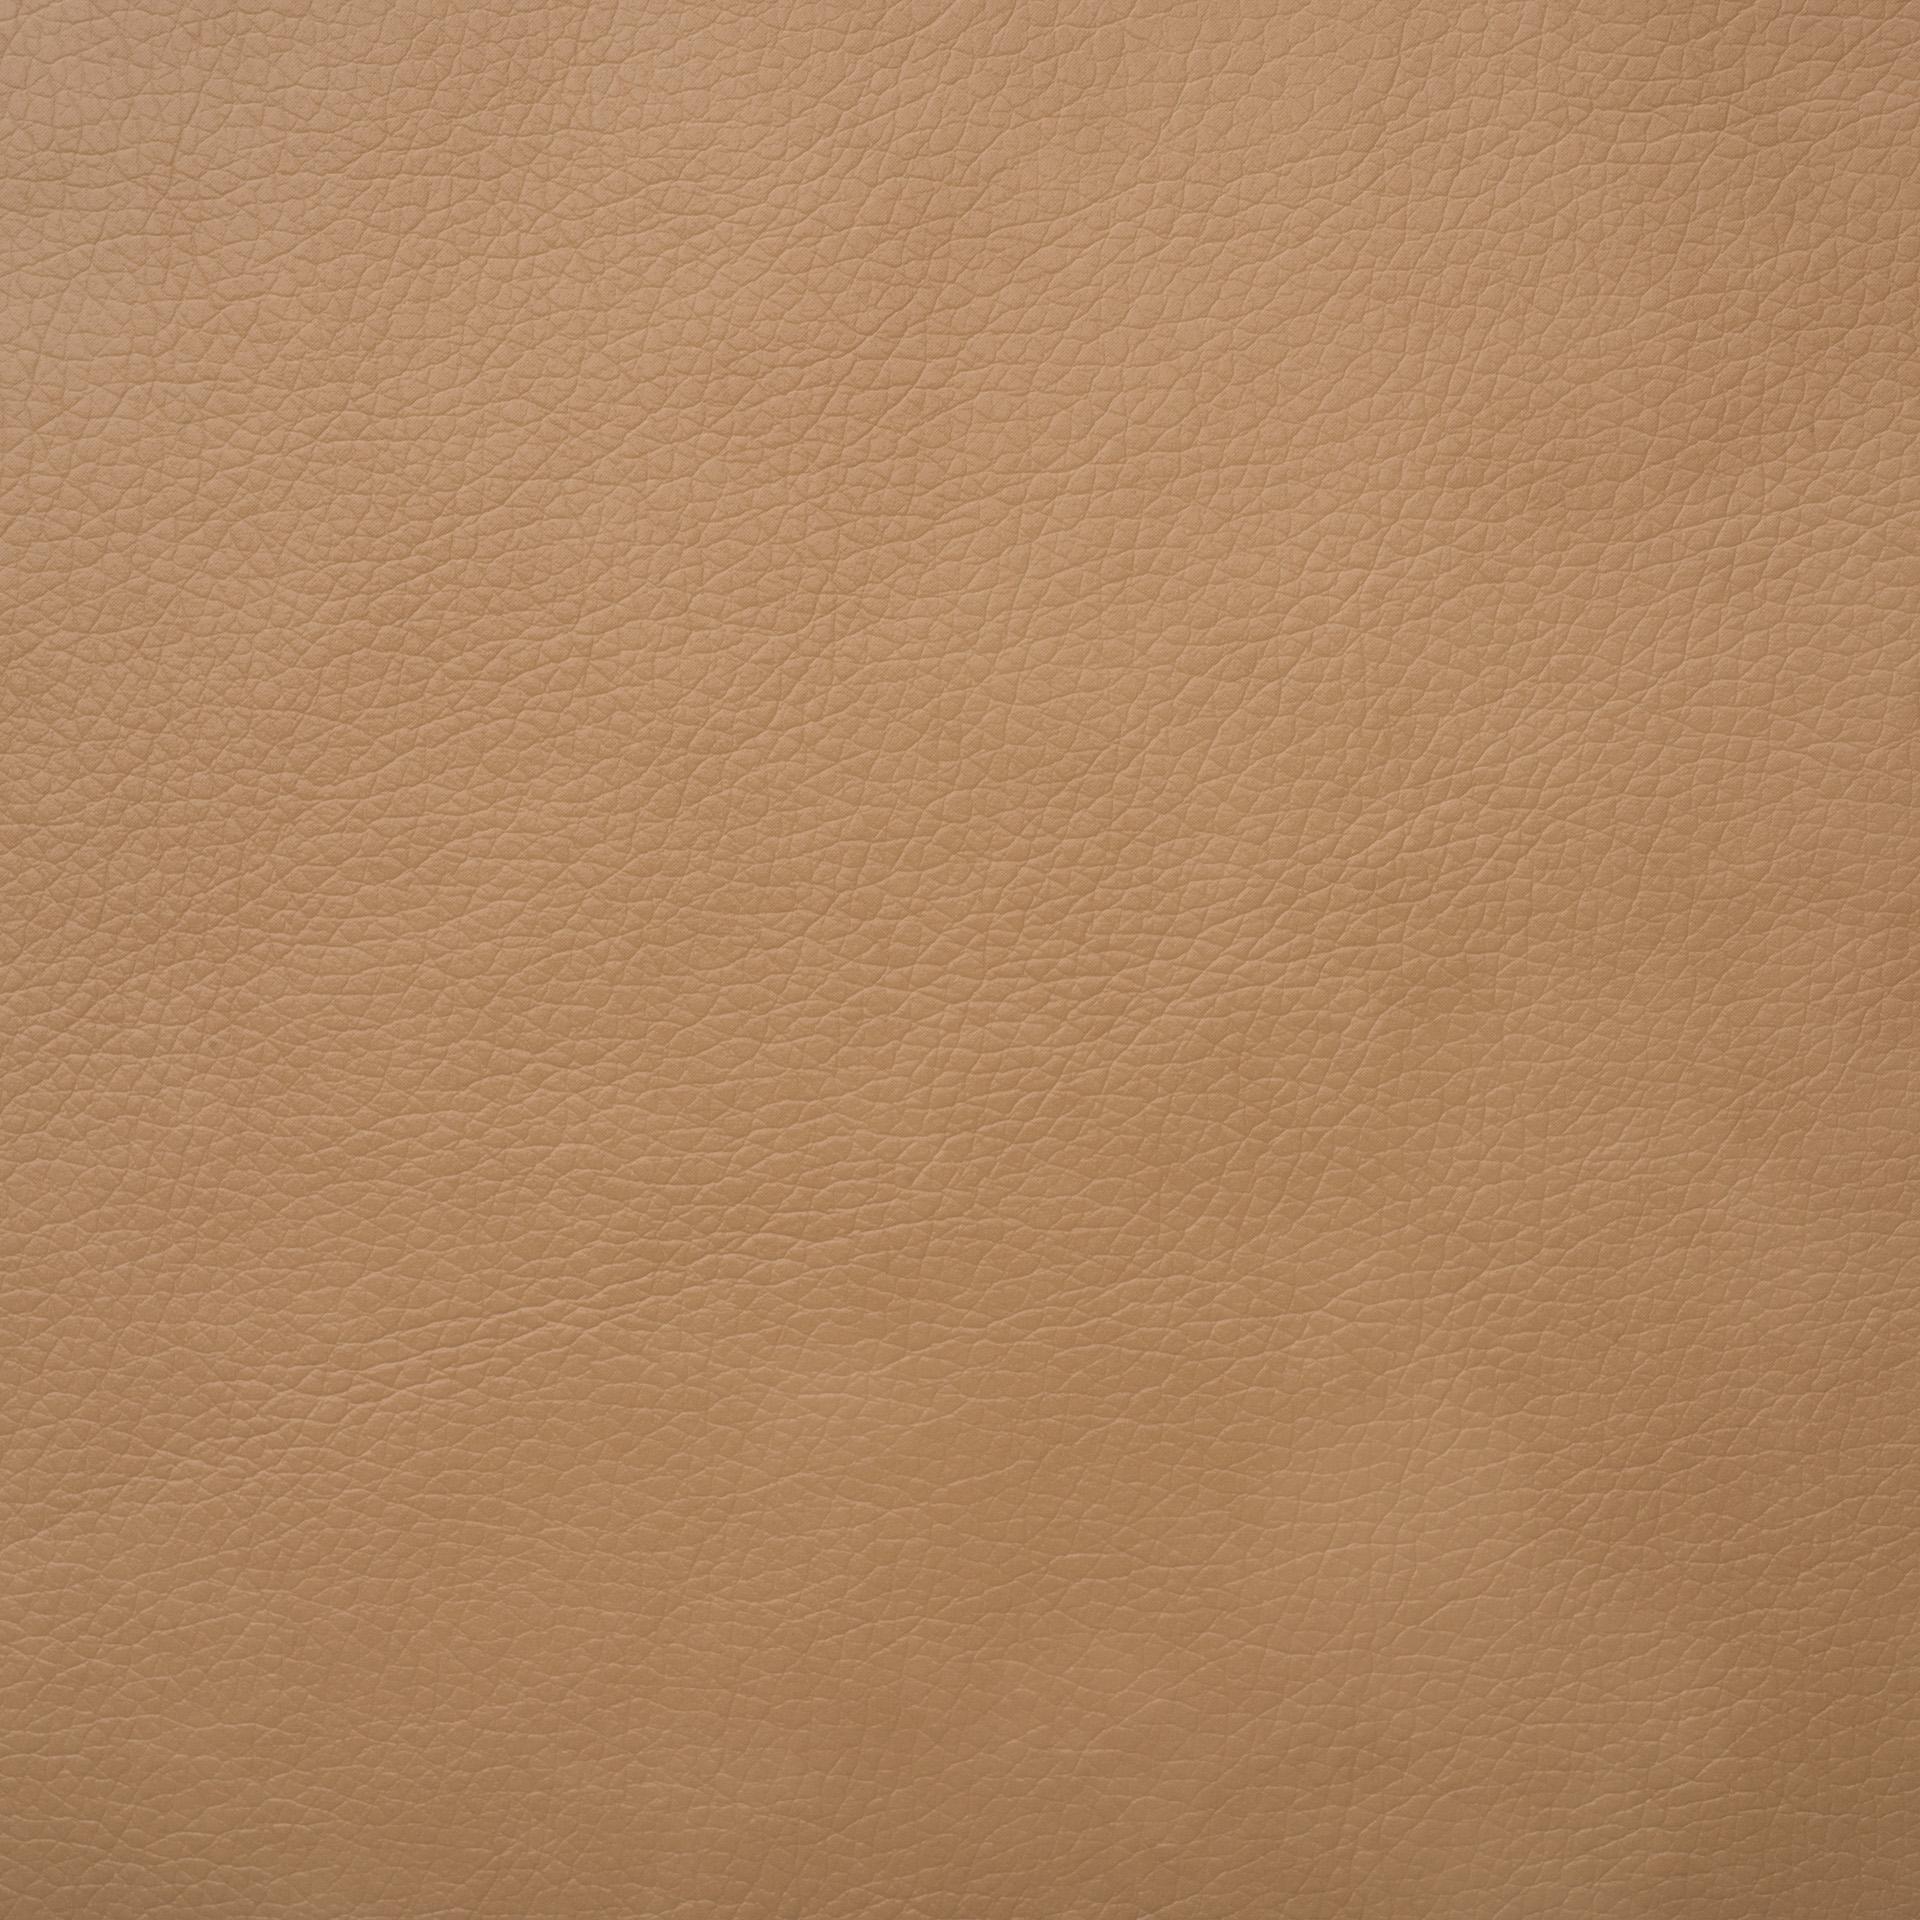 Коллекция ткани Мадрас GOLD BEIGE,  купить ткань Кож зам для мебели Украина